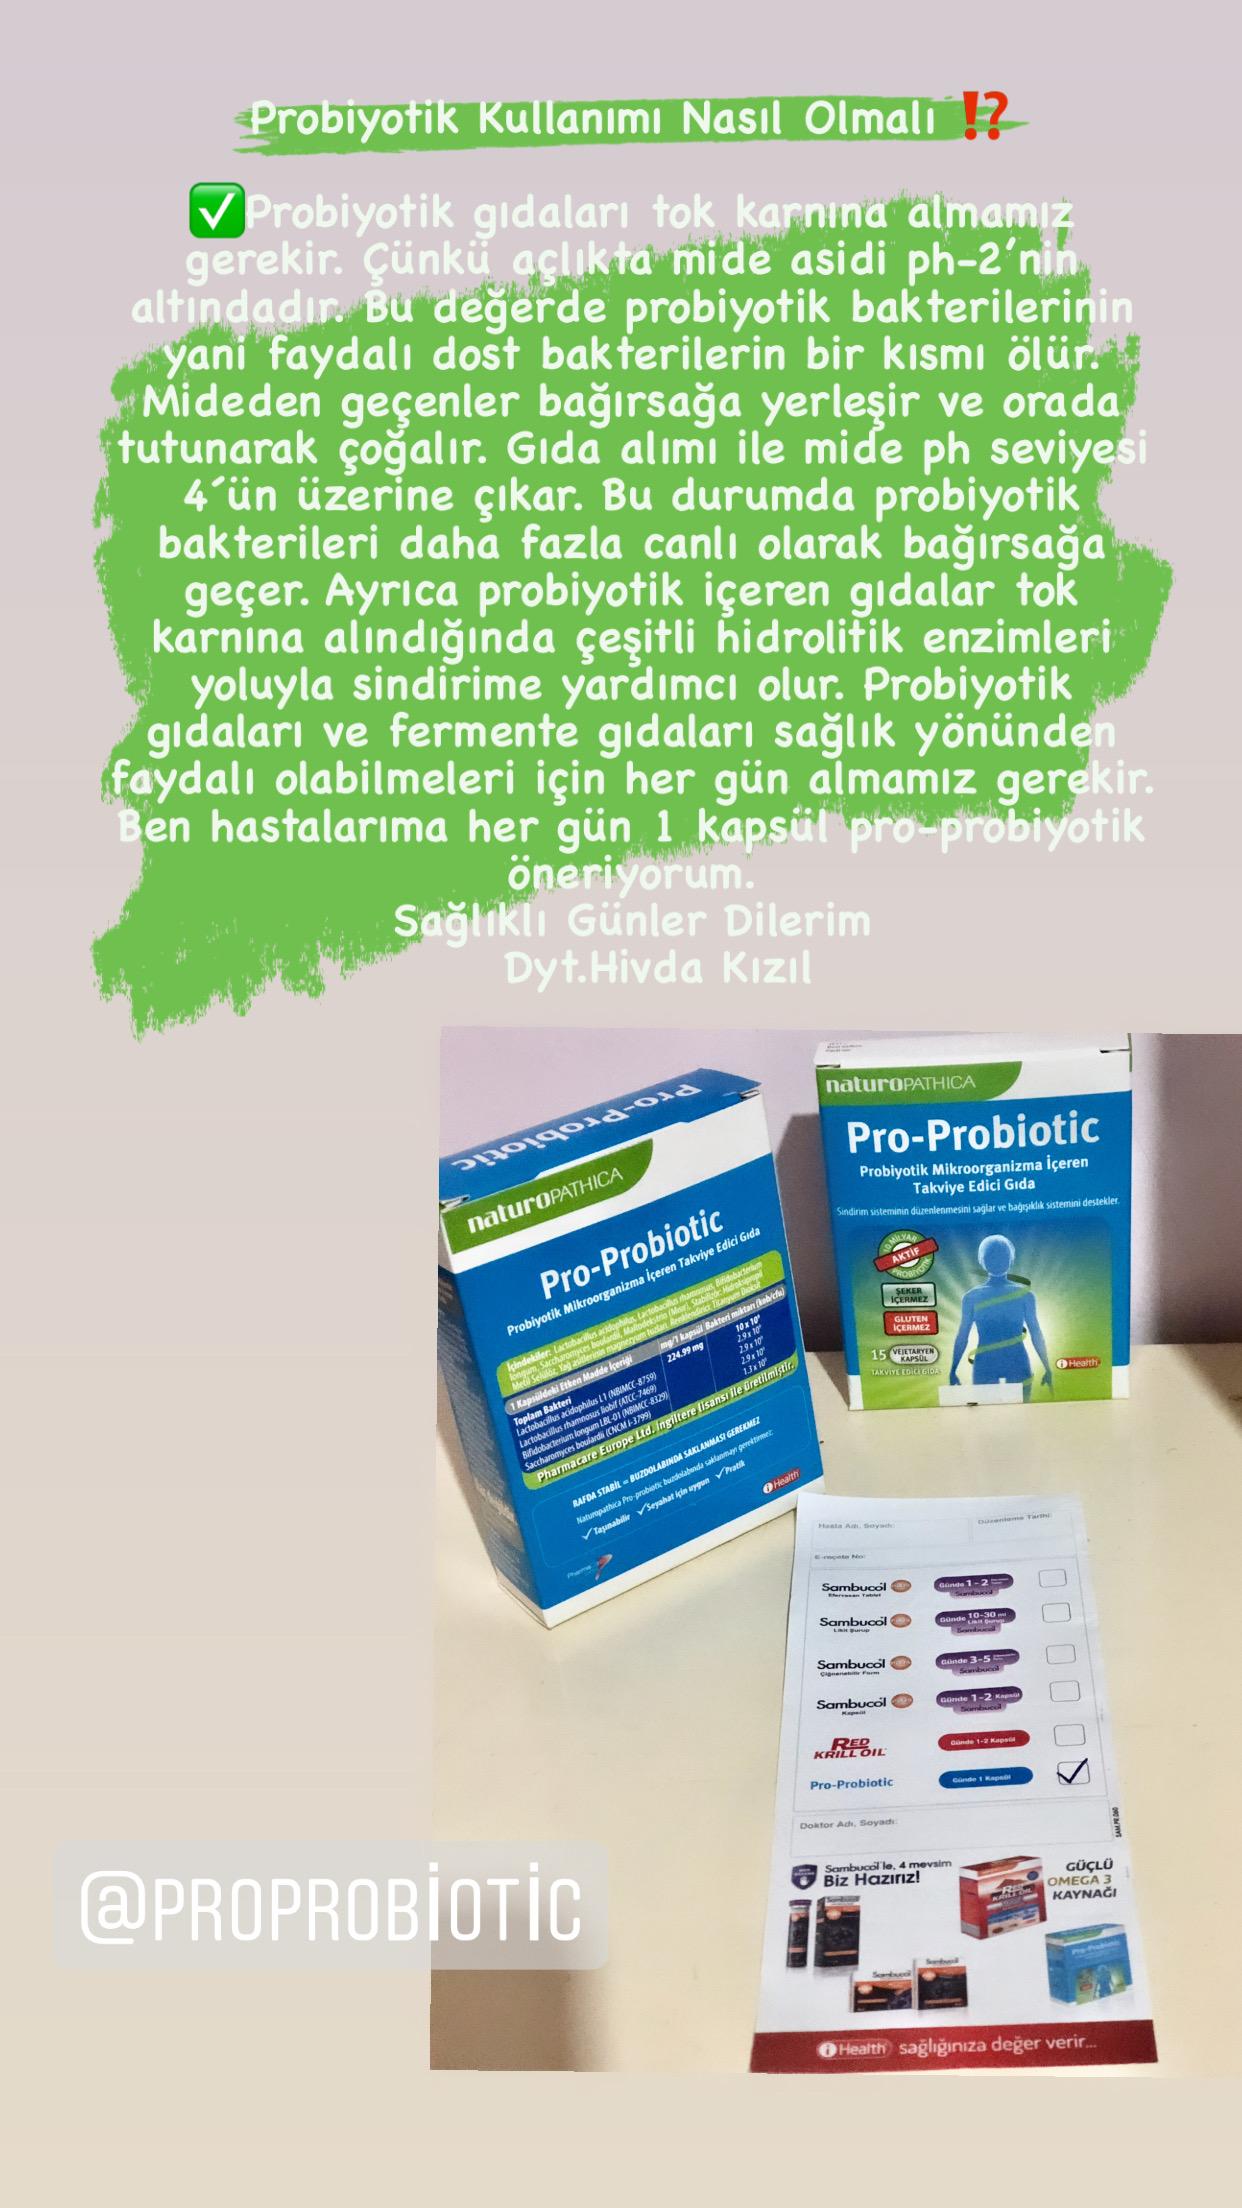 Probiyotik Kullanımı Nasıl Olmalı?